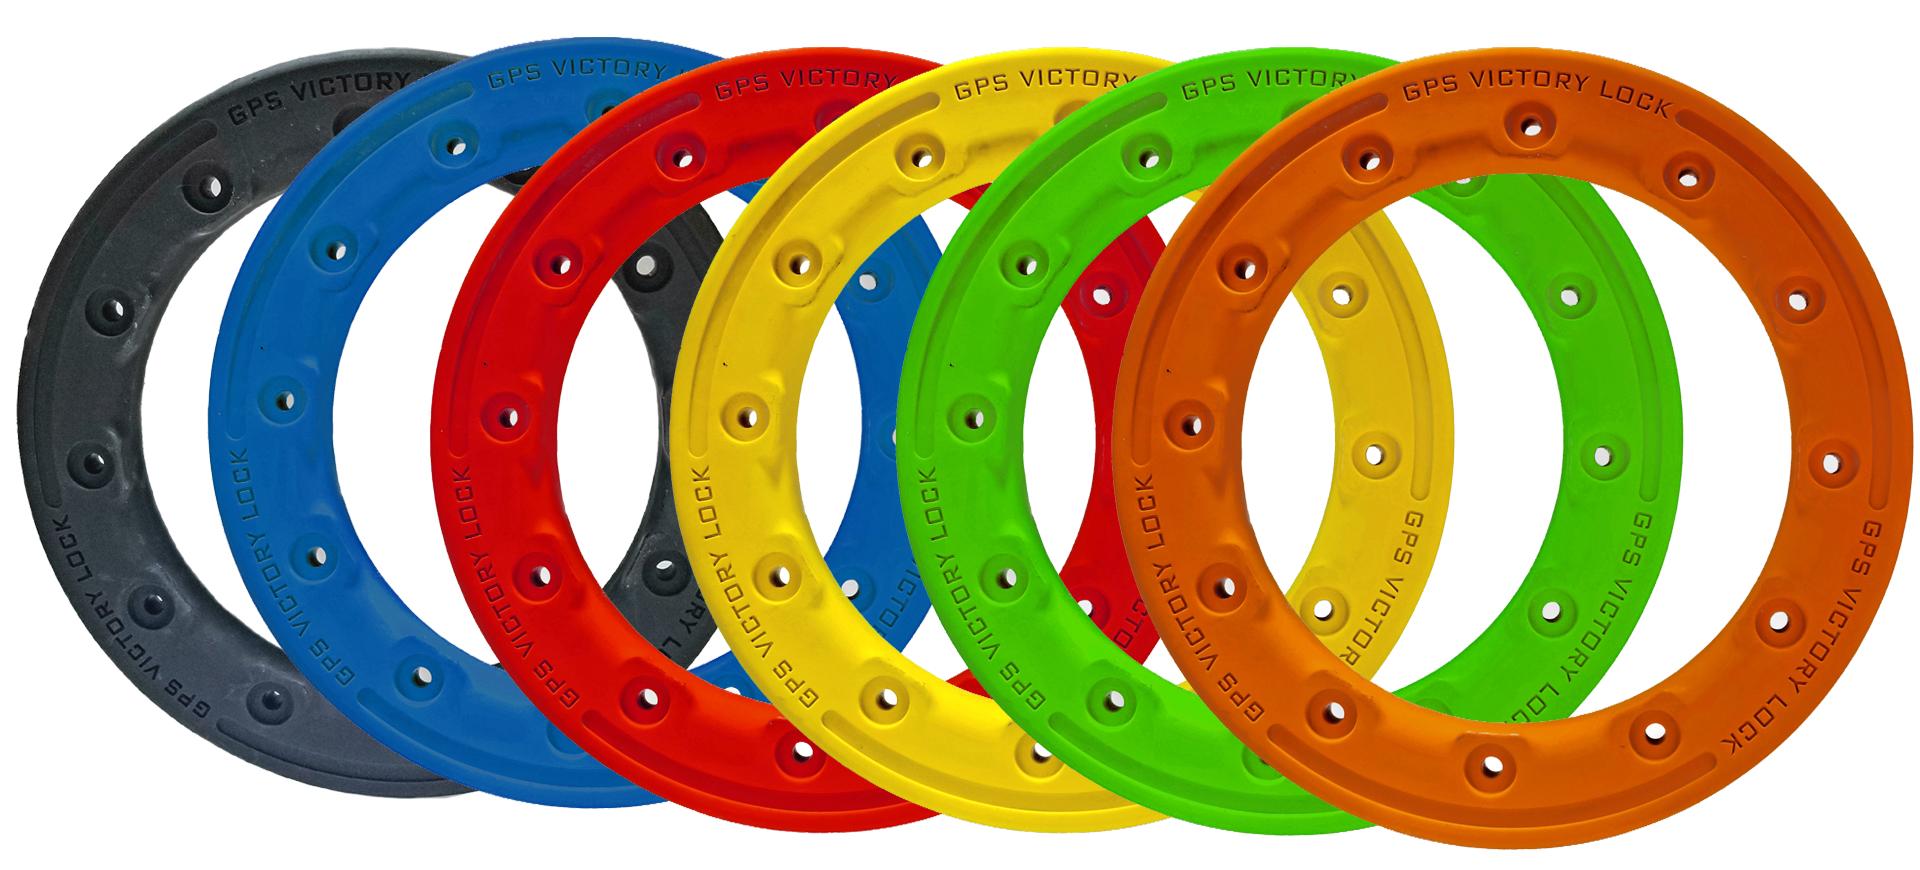 Карбоновые кольца для квадроциклов с GPS-навигатором